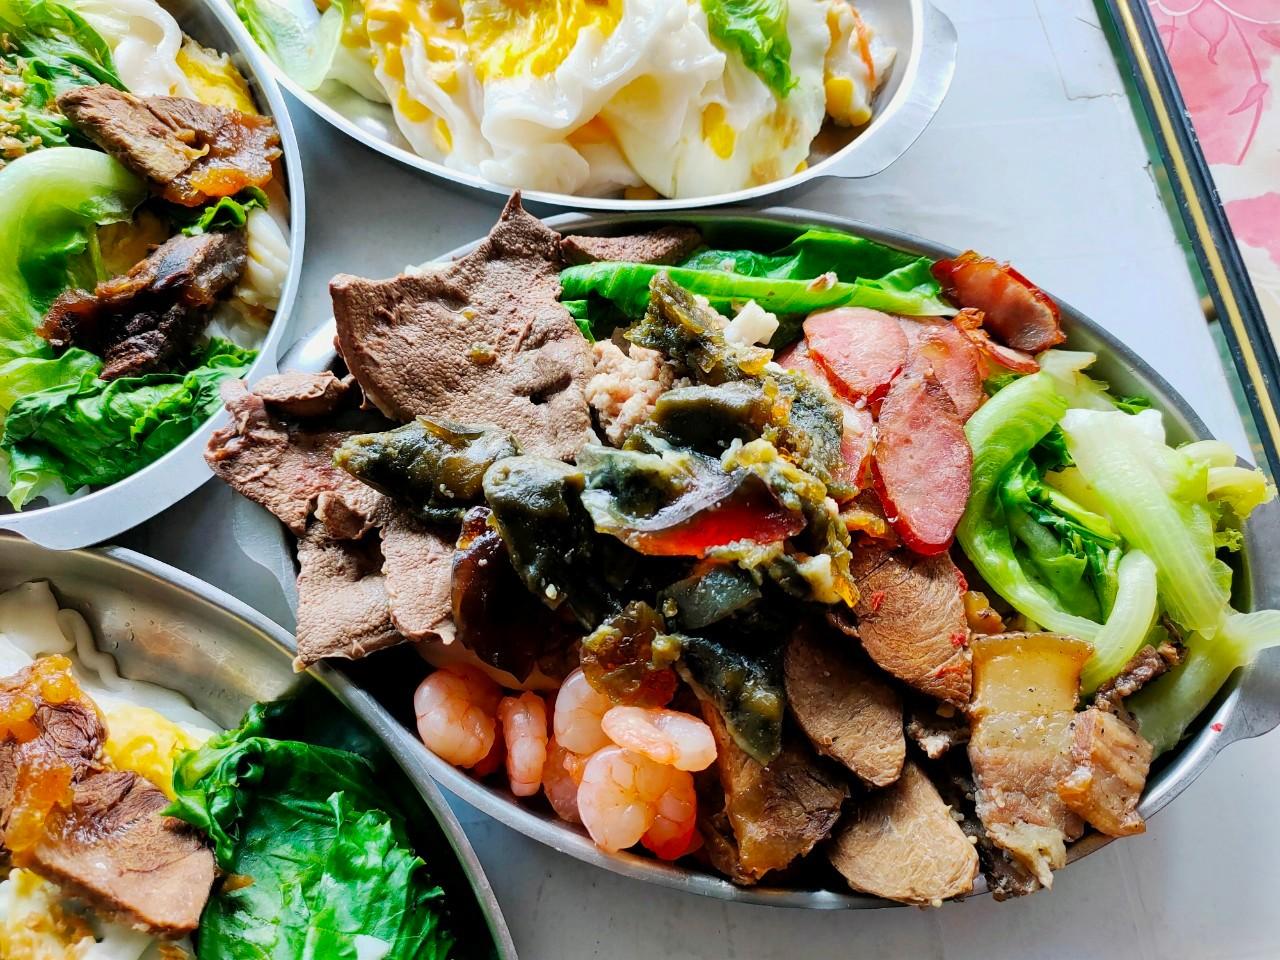 最新推播訊息:這家湖南人賣的廣東腸粉料好多,牛腱子.皮蛋.豬肝通通有,大份量讓你吃撐~老虎醬超辣!